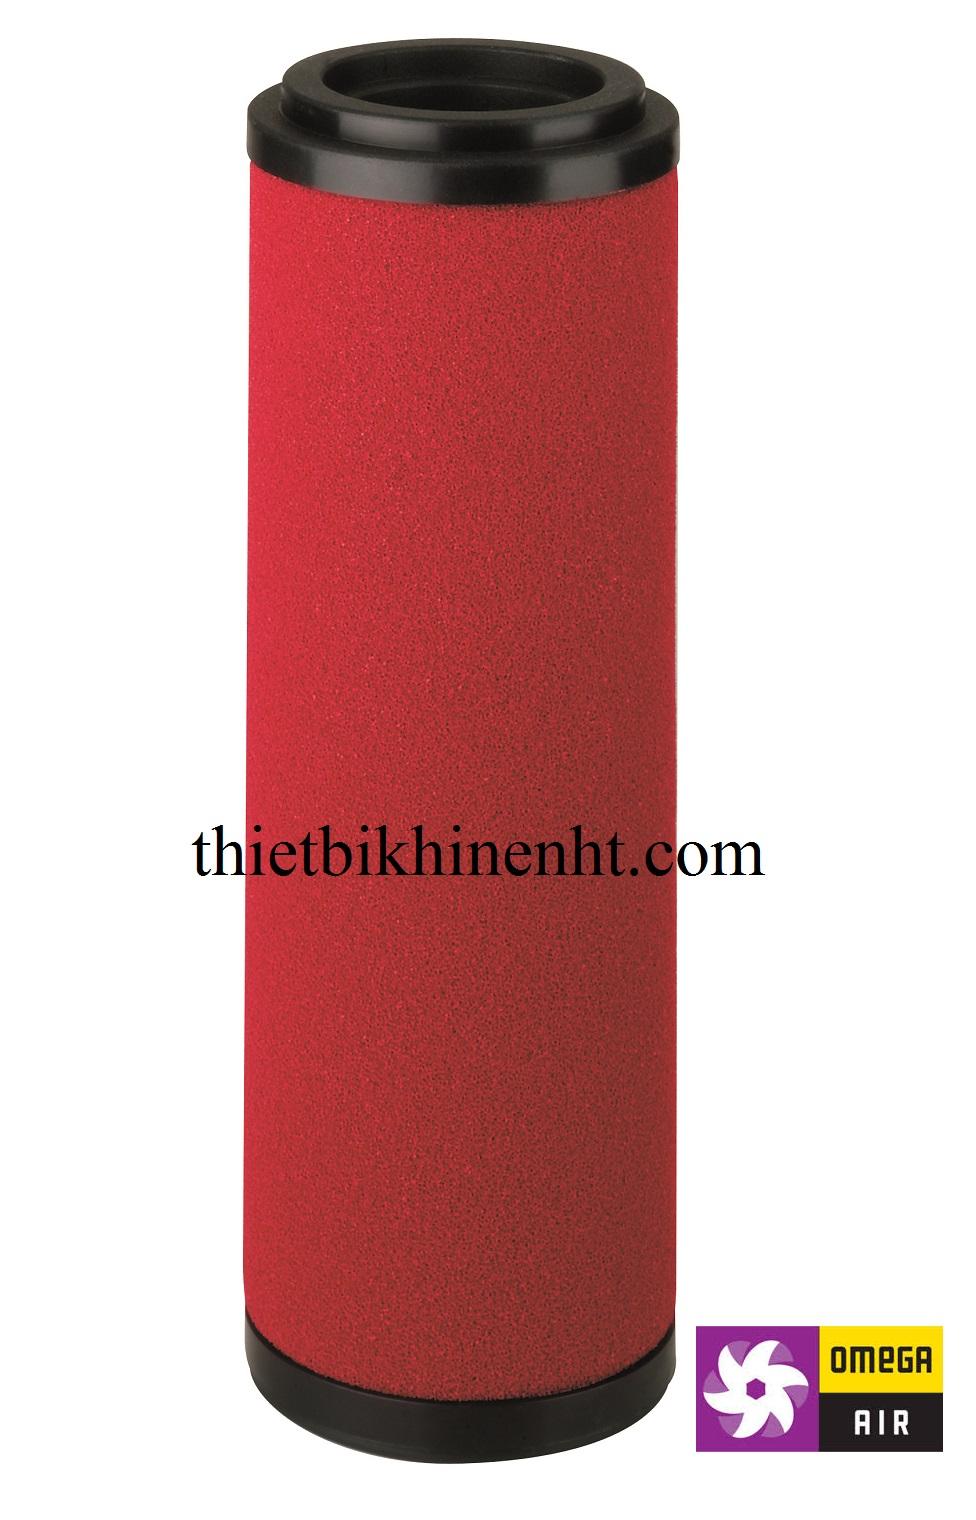 Lõi lọc tinh khí nén Omega air model S, cấp lọc 0,01 micron